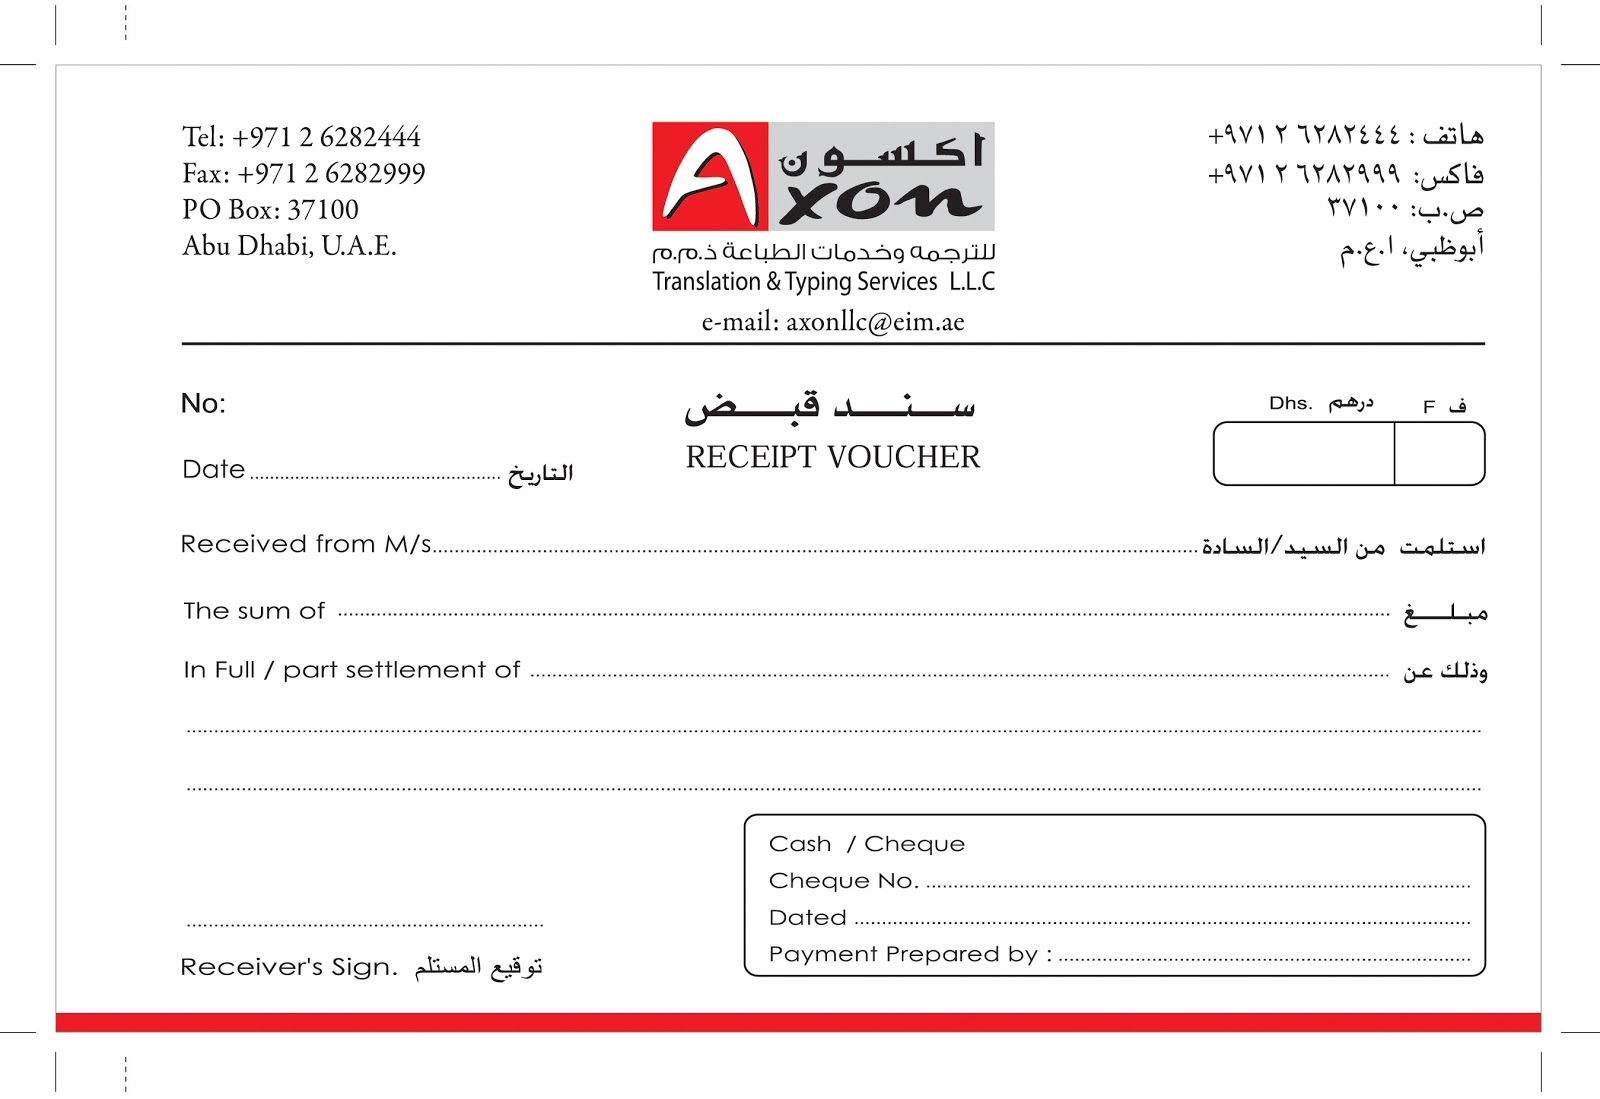 Design Portfolio Axon Translation And Typing Receipt Voucher